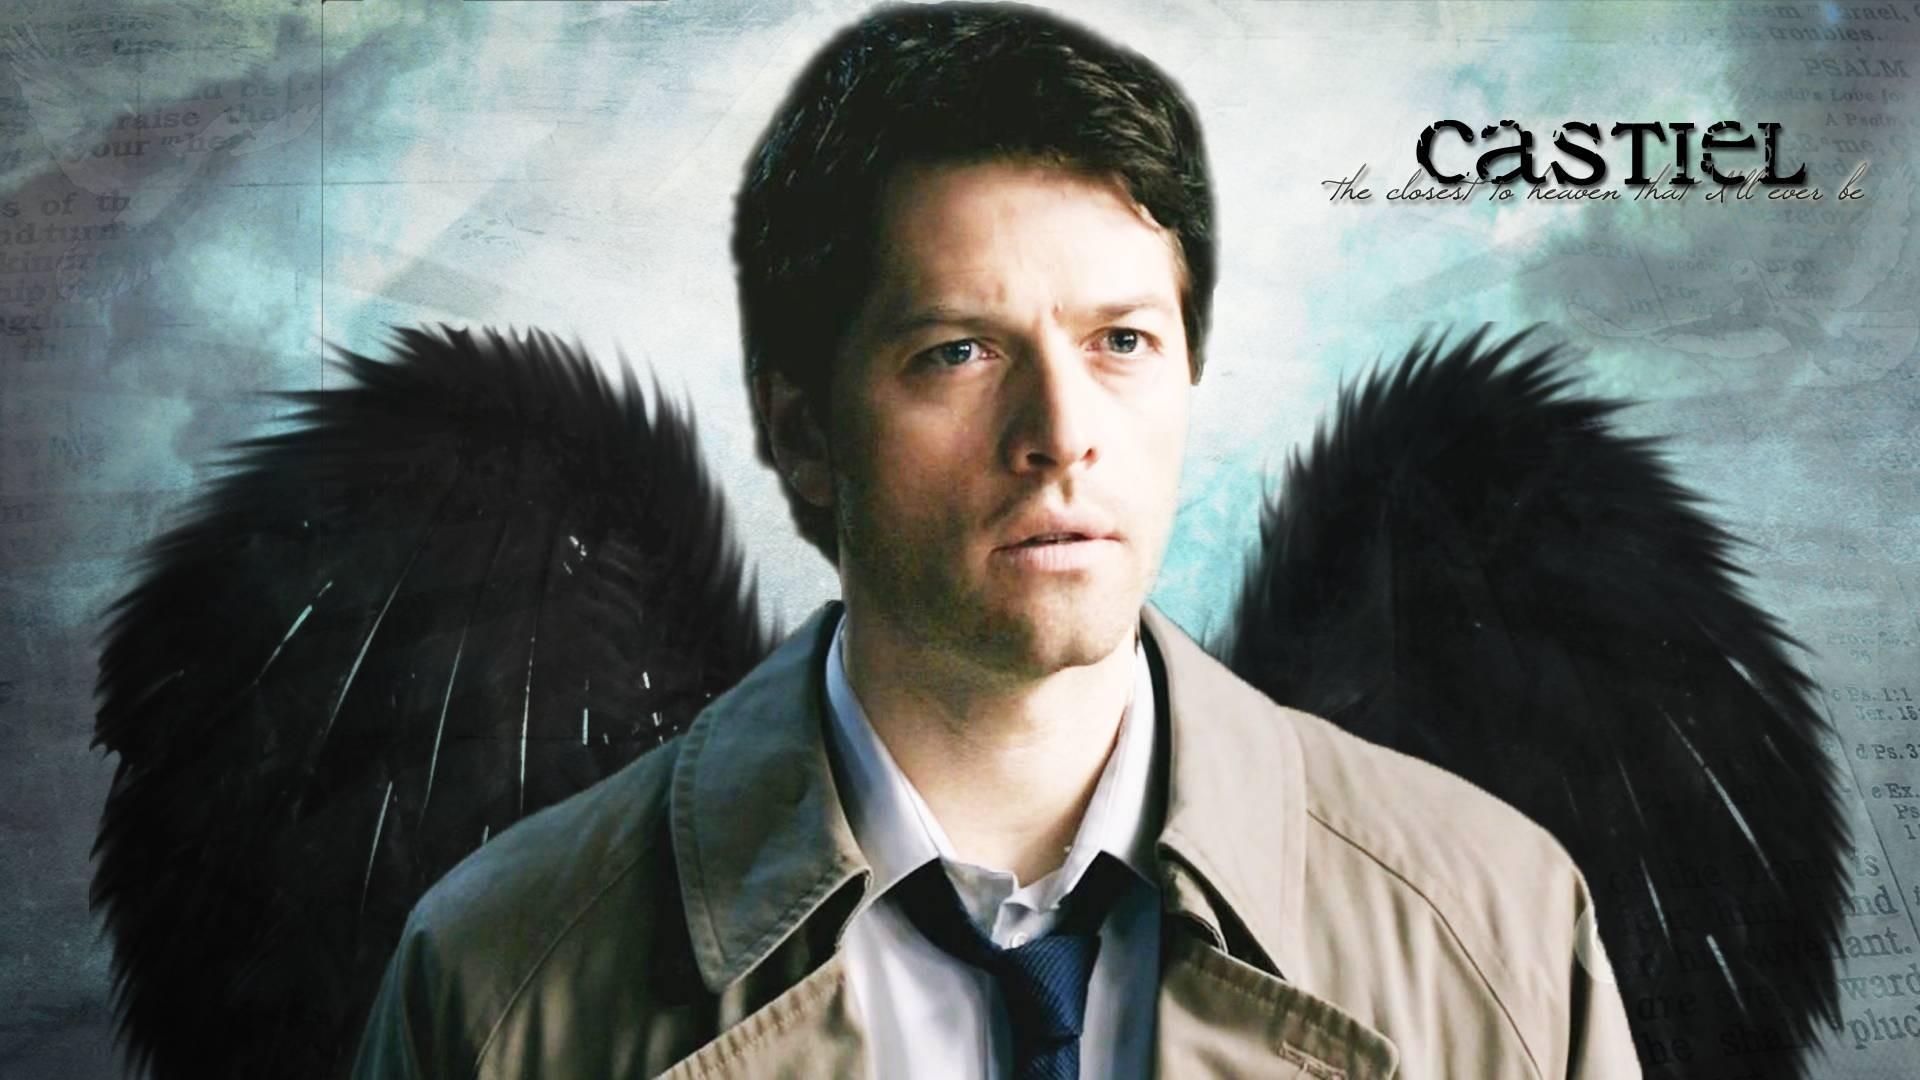 Castiel, A Castiel wallpaper HD